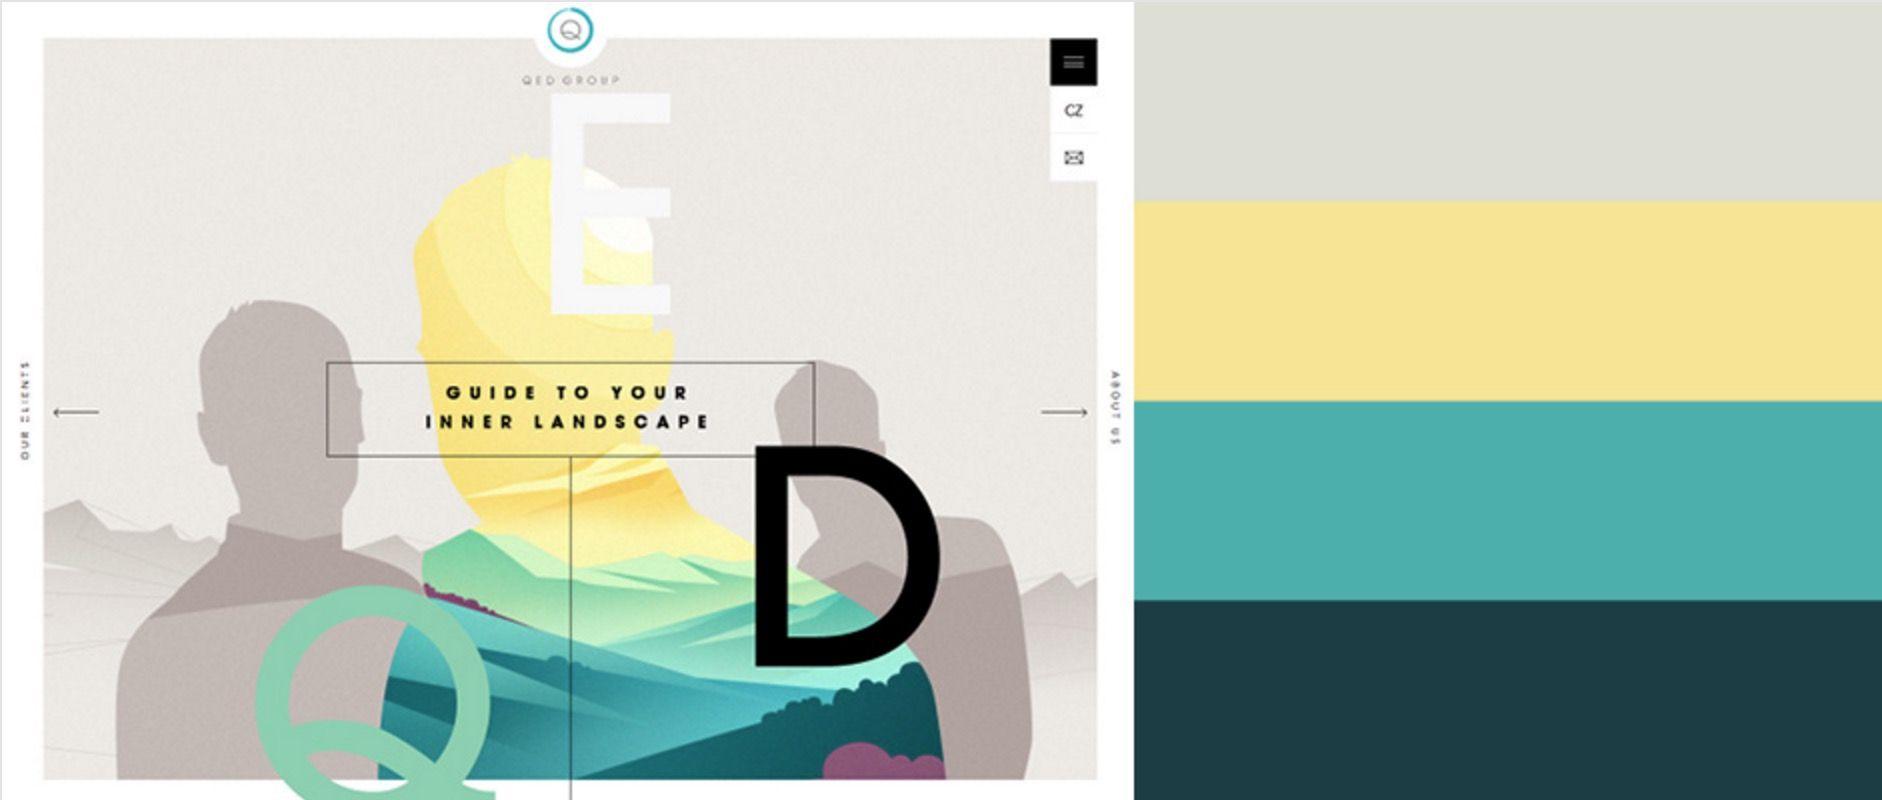 Minneapolis Web Design Web Design Color Color Design Website Color Schemes